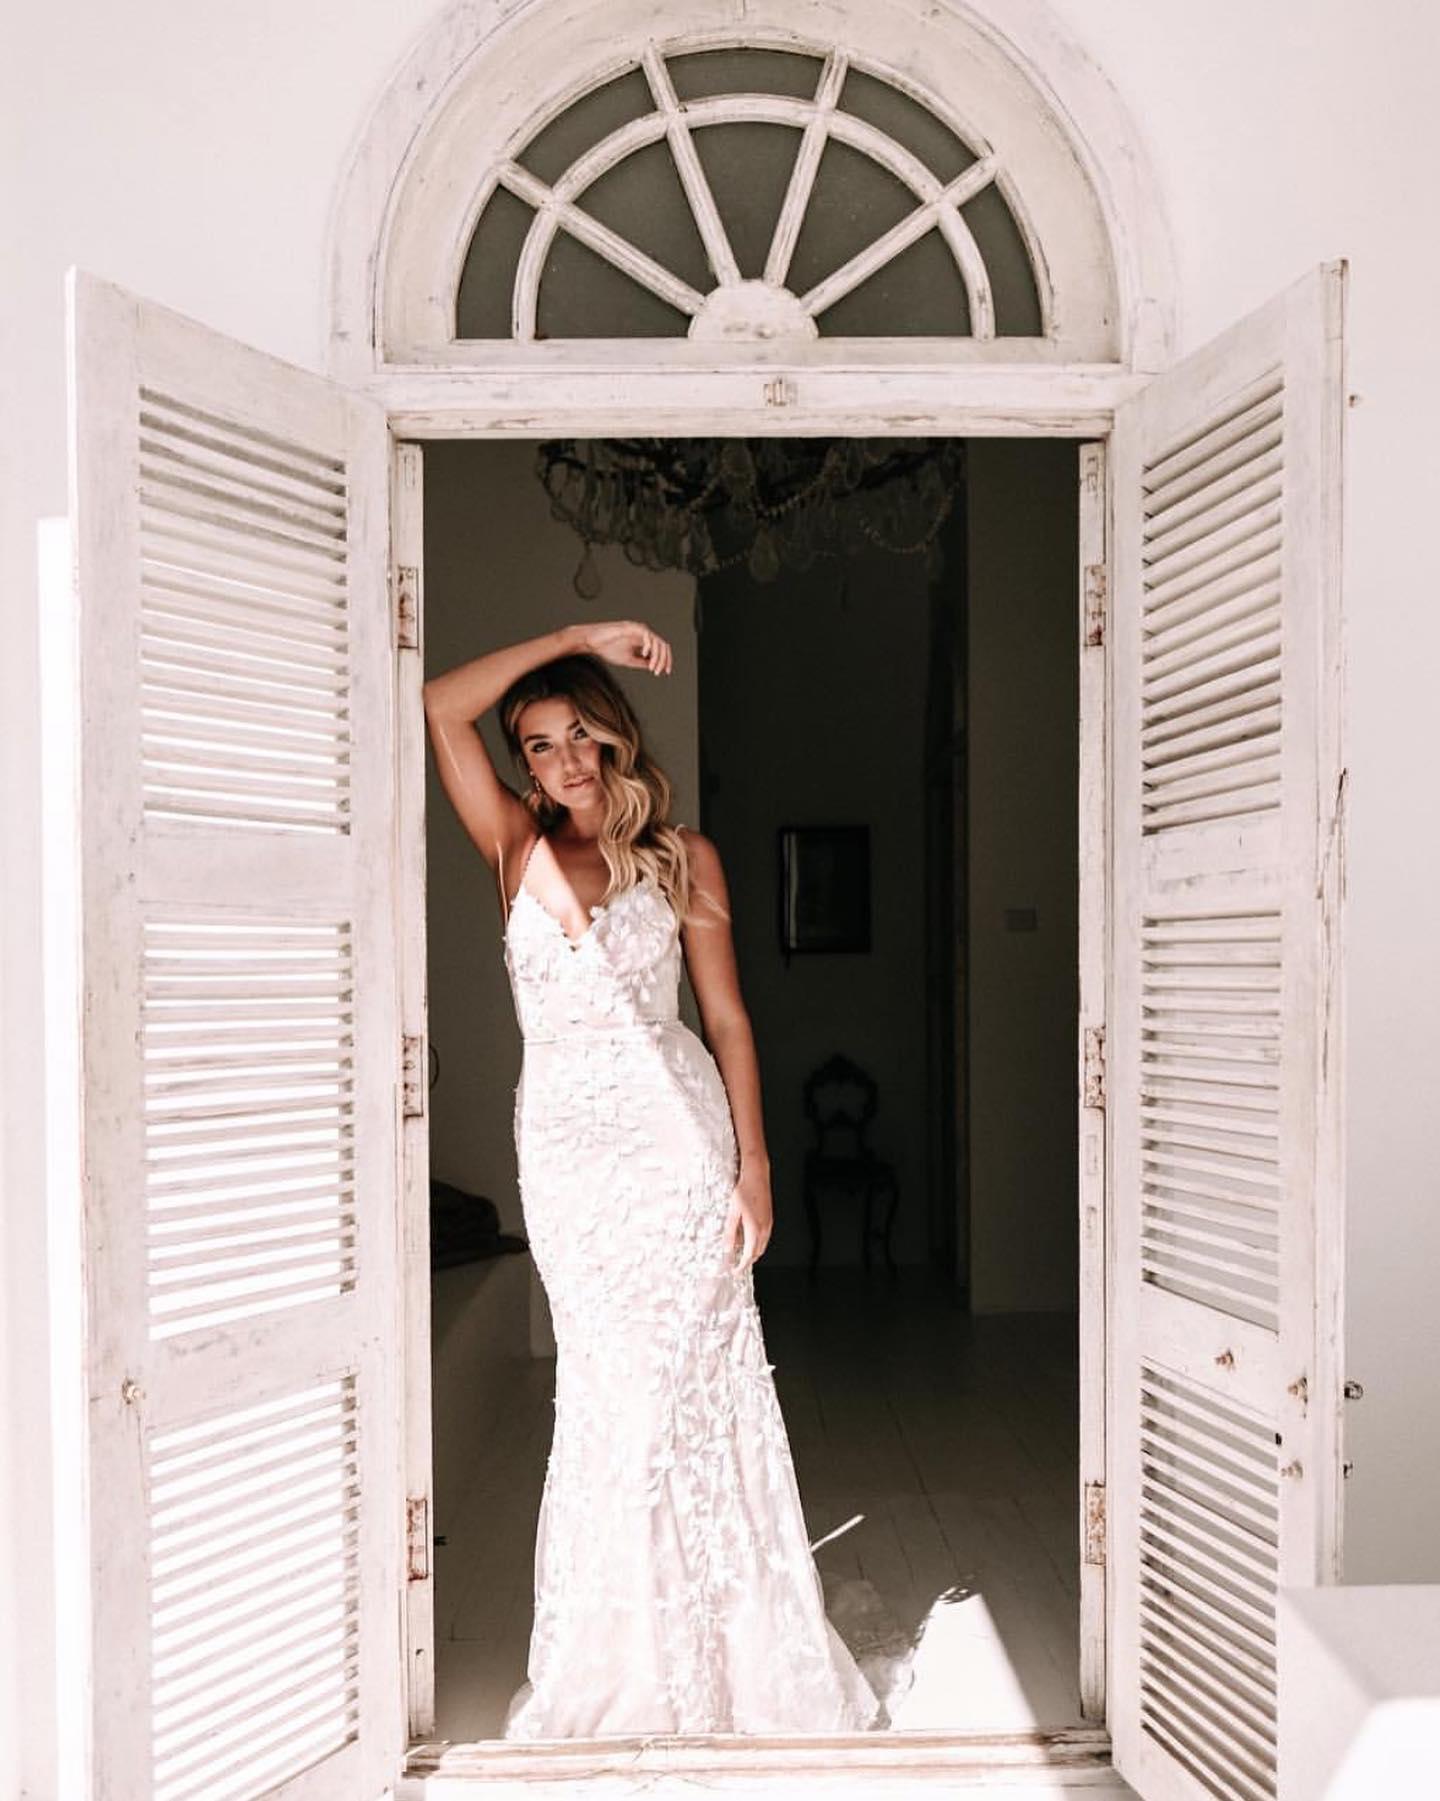 anna bé bridal boutique 2050 W 30th Ave, Denver